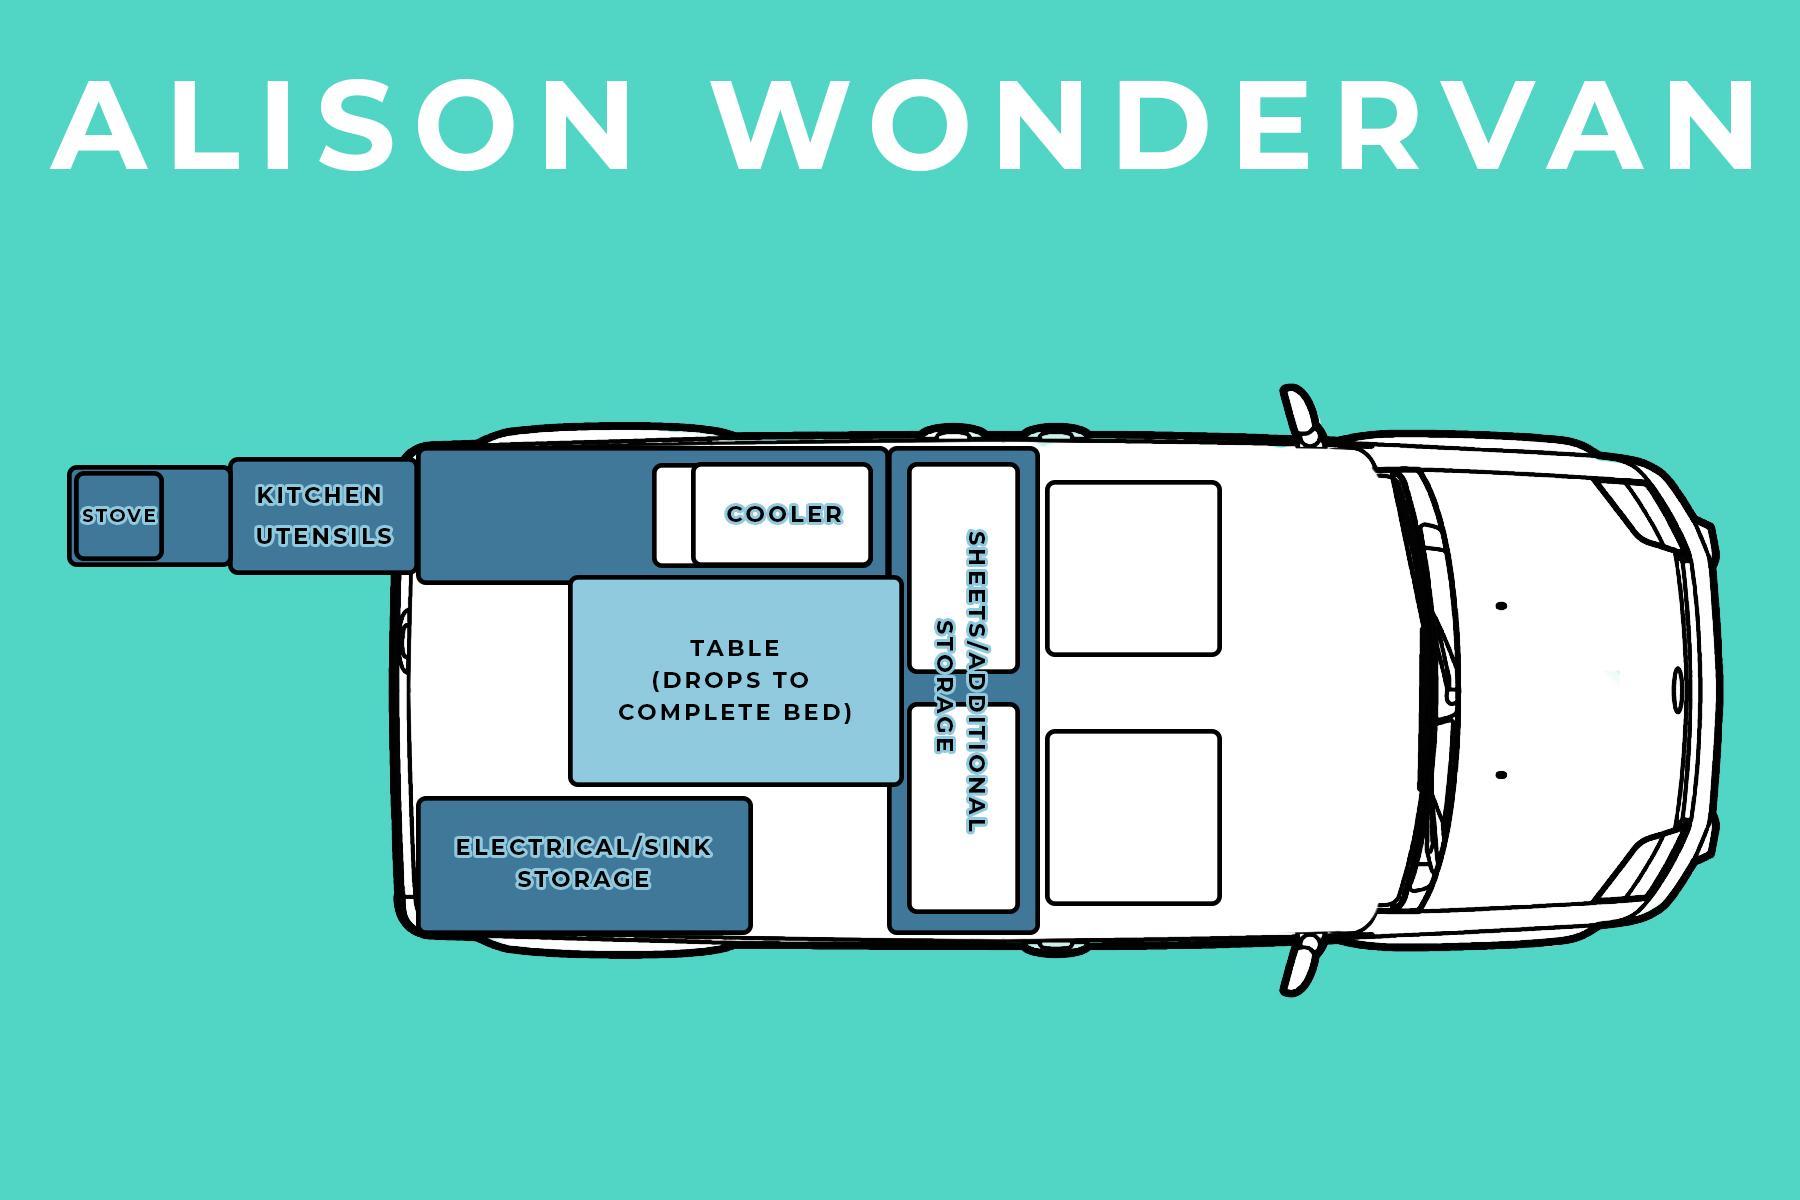 Alison Wondervan Layout.jpg